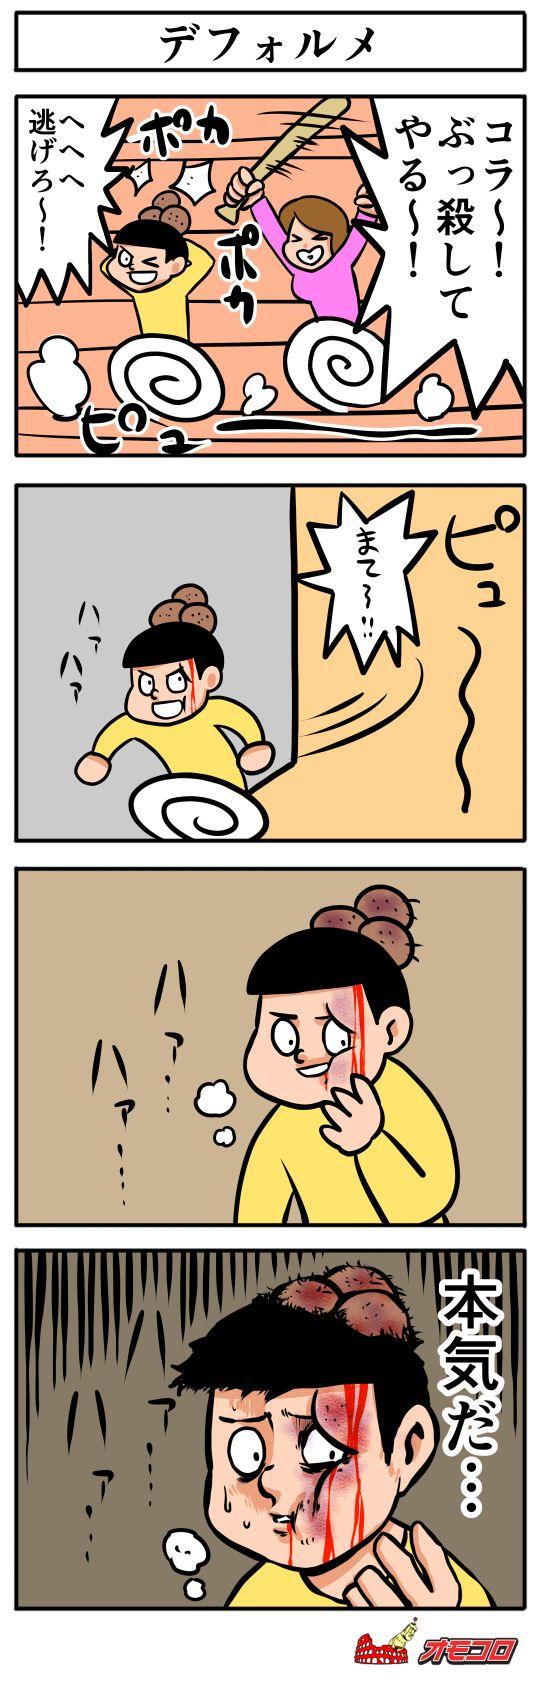 【4コマ漫画】デフォルメ   オモコロ あたまゆるゆるインターネット